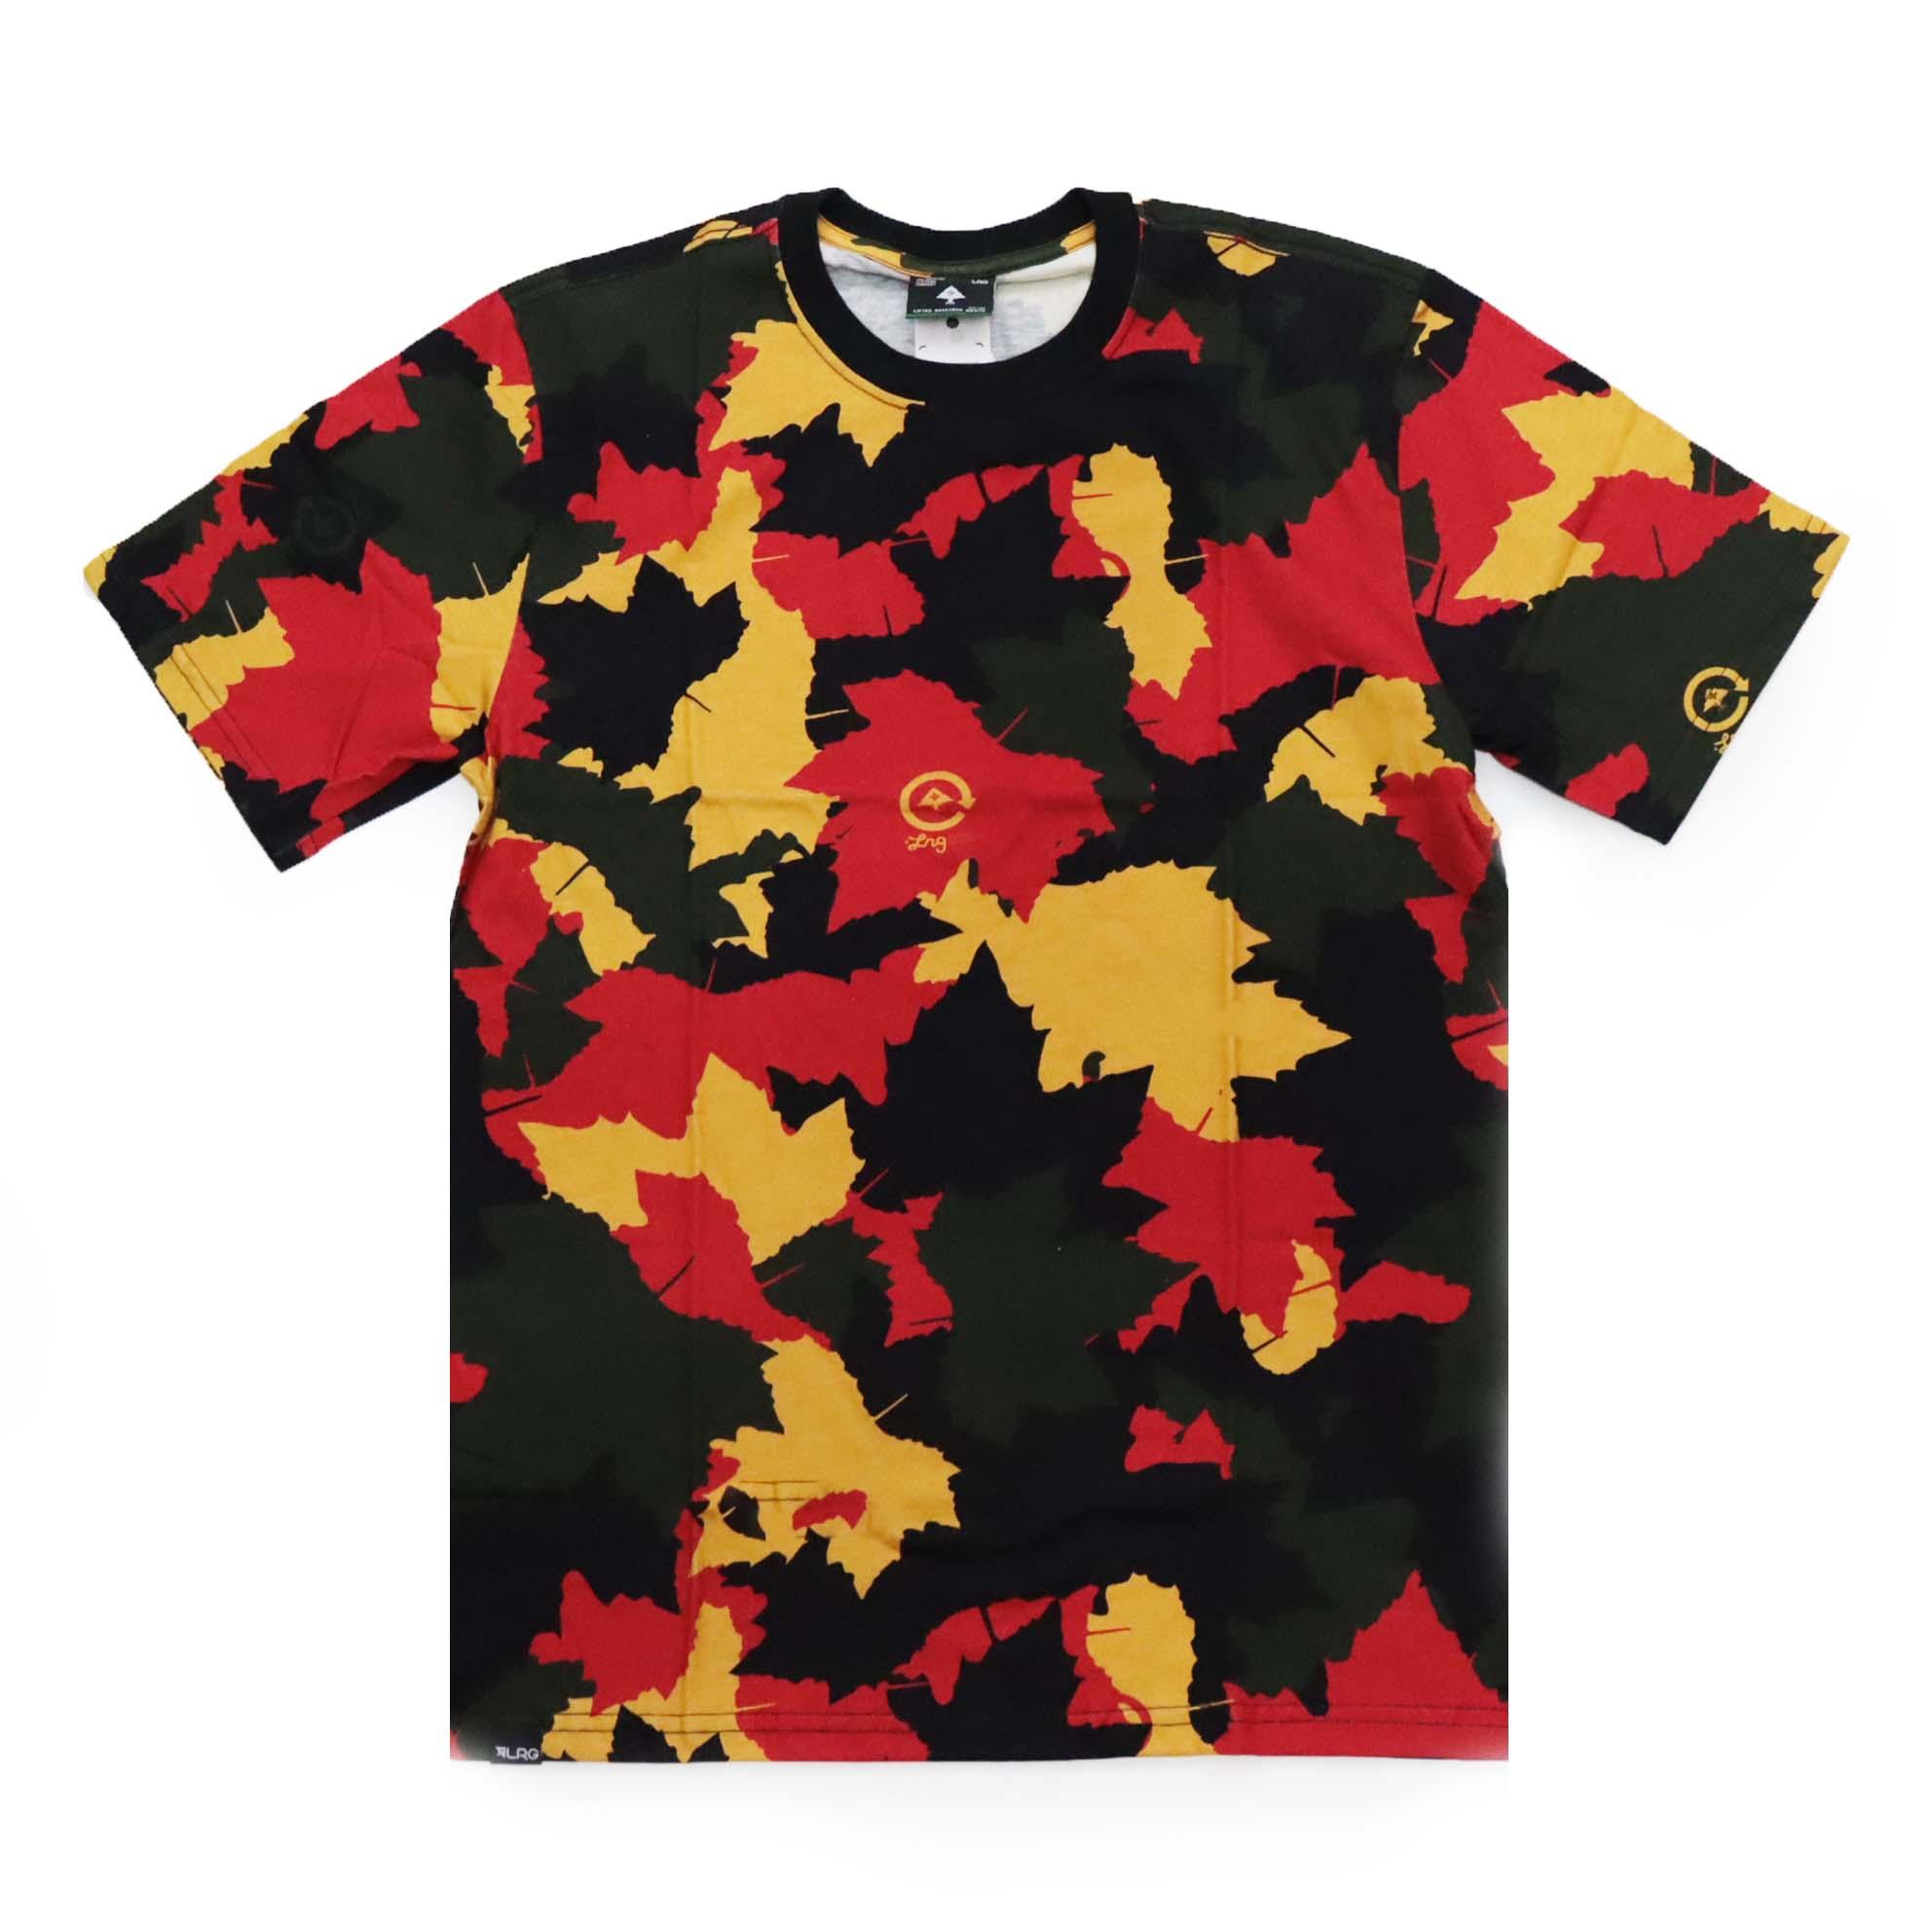 Camiseta LRG Leaf - Camuflado Vermelho/Amarelo